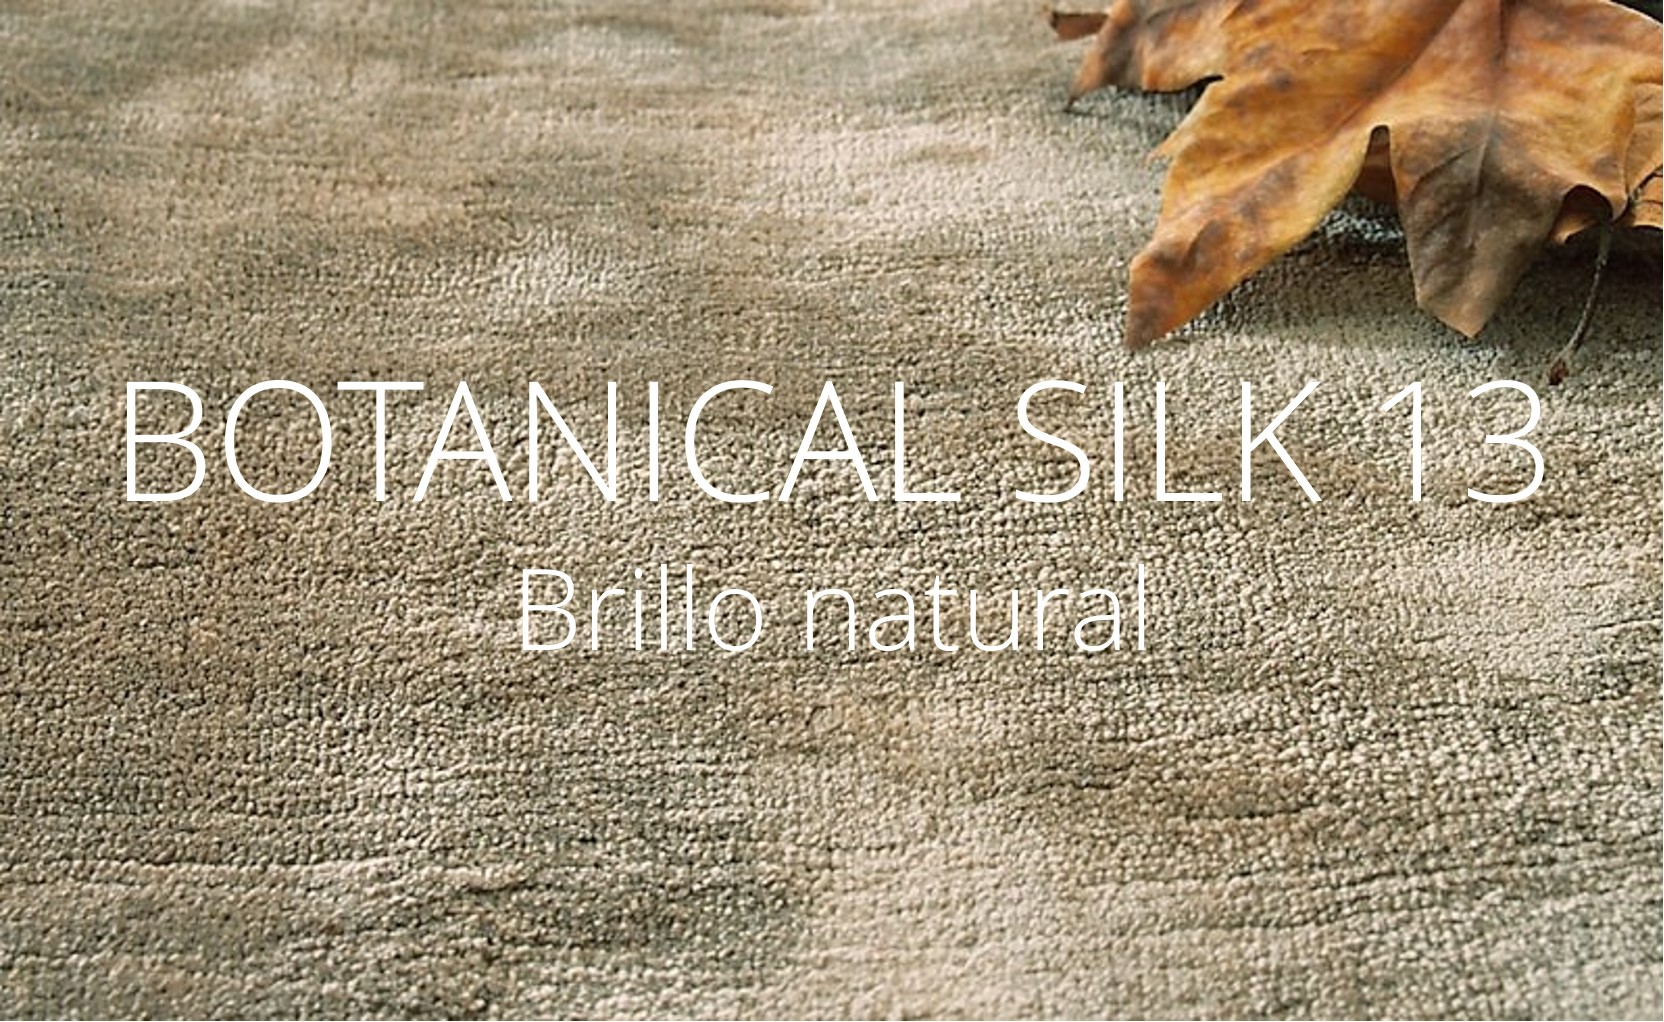 Alfombra a medida de botanical silk - brillo natural